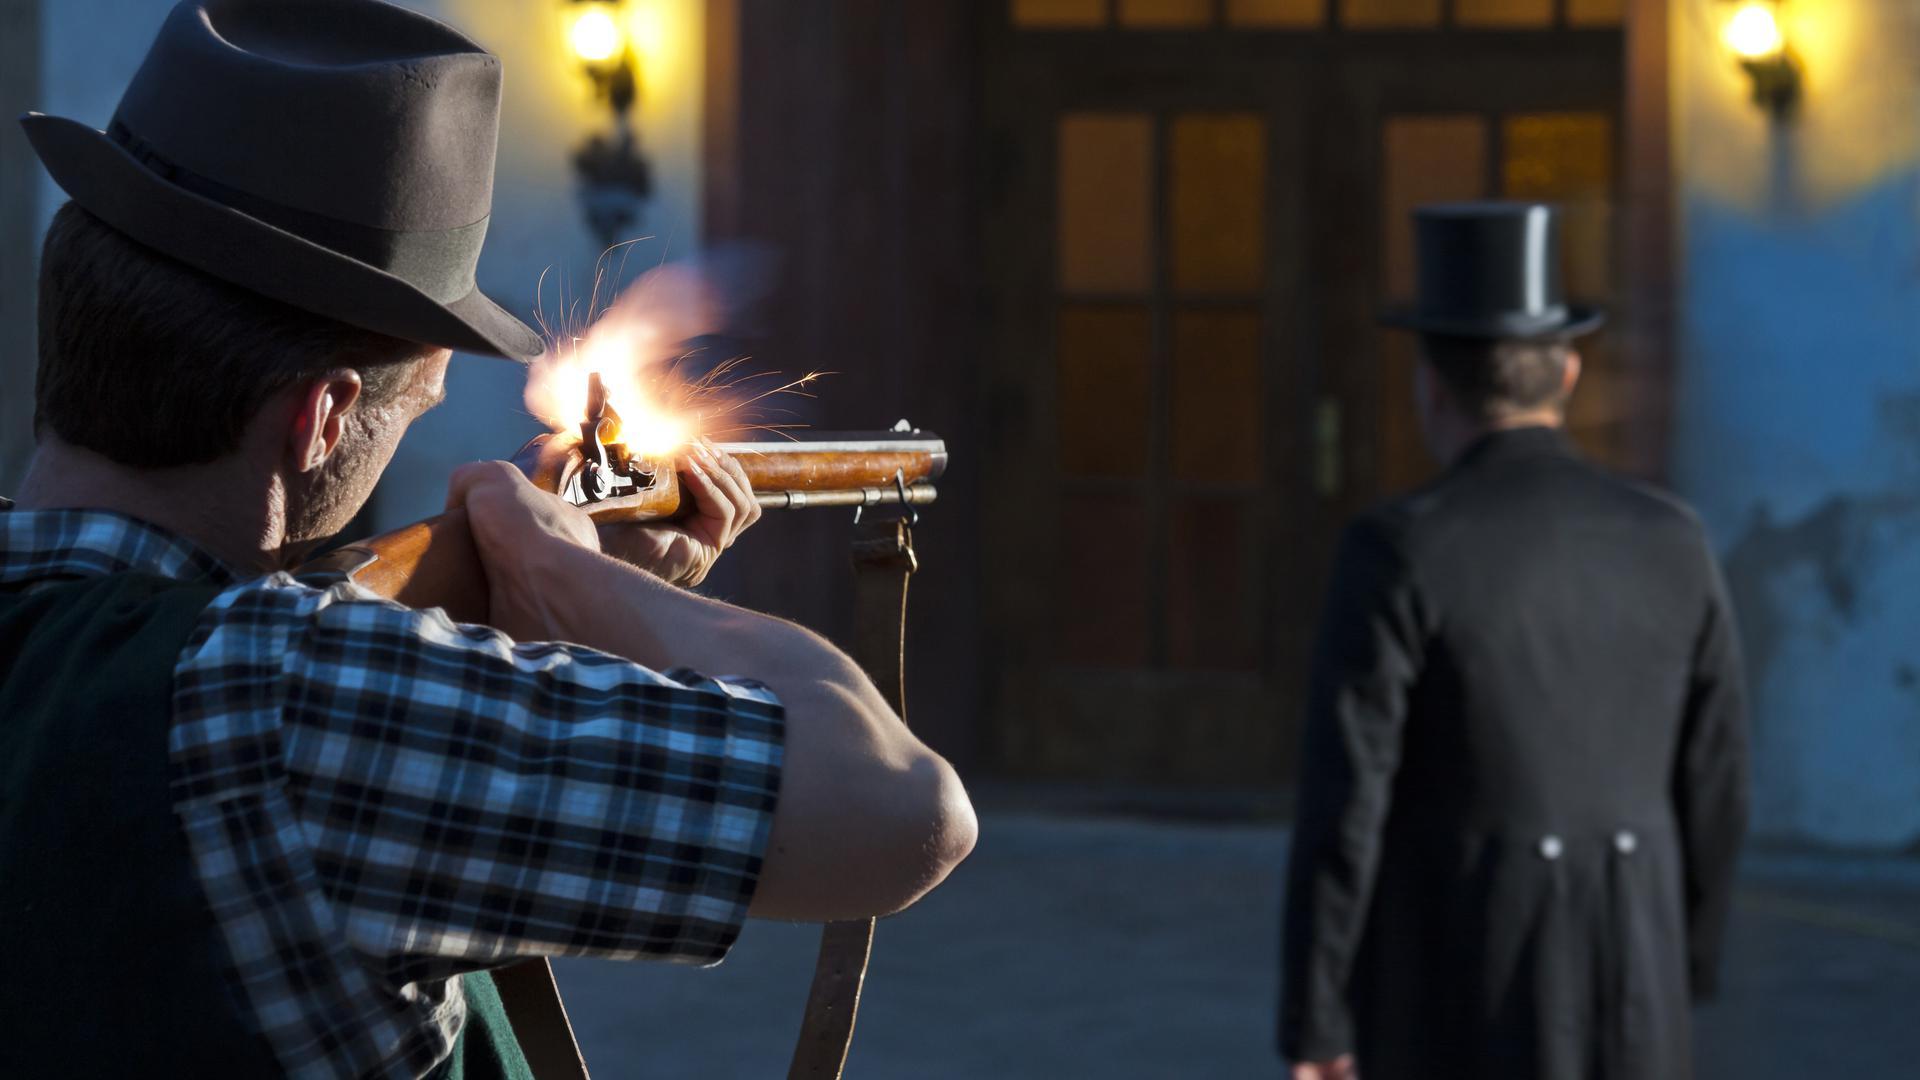 Nachgestellte Szene vom Mord des Bönnigheimer Bürgermeisters. Ein Mann schießt mit einem historischen Gewehr auf einen Mann mit Frack und Zylinder